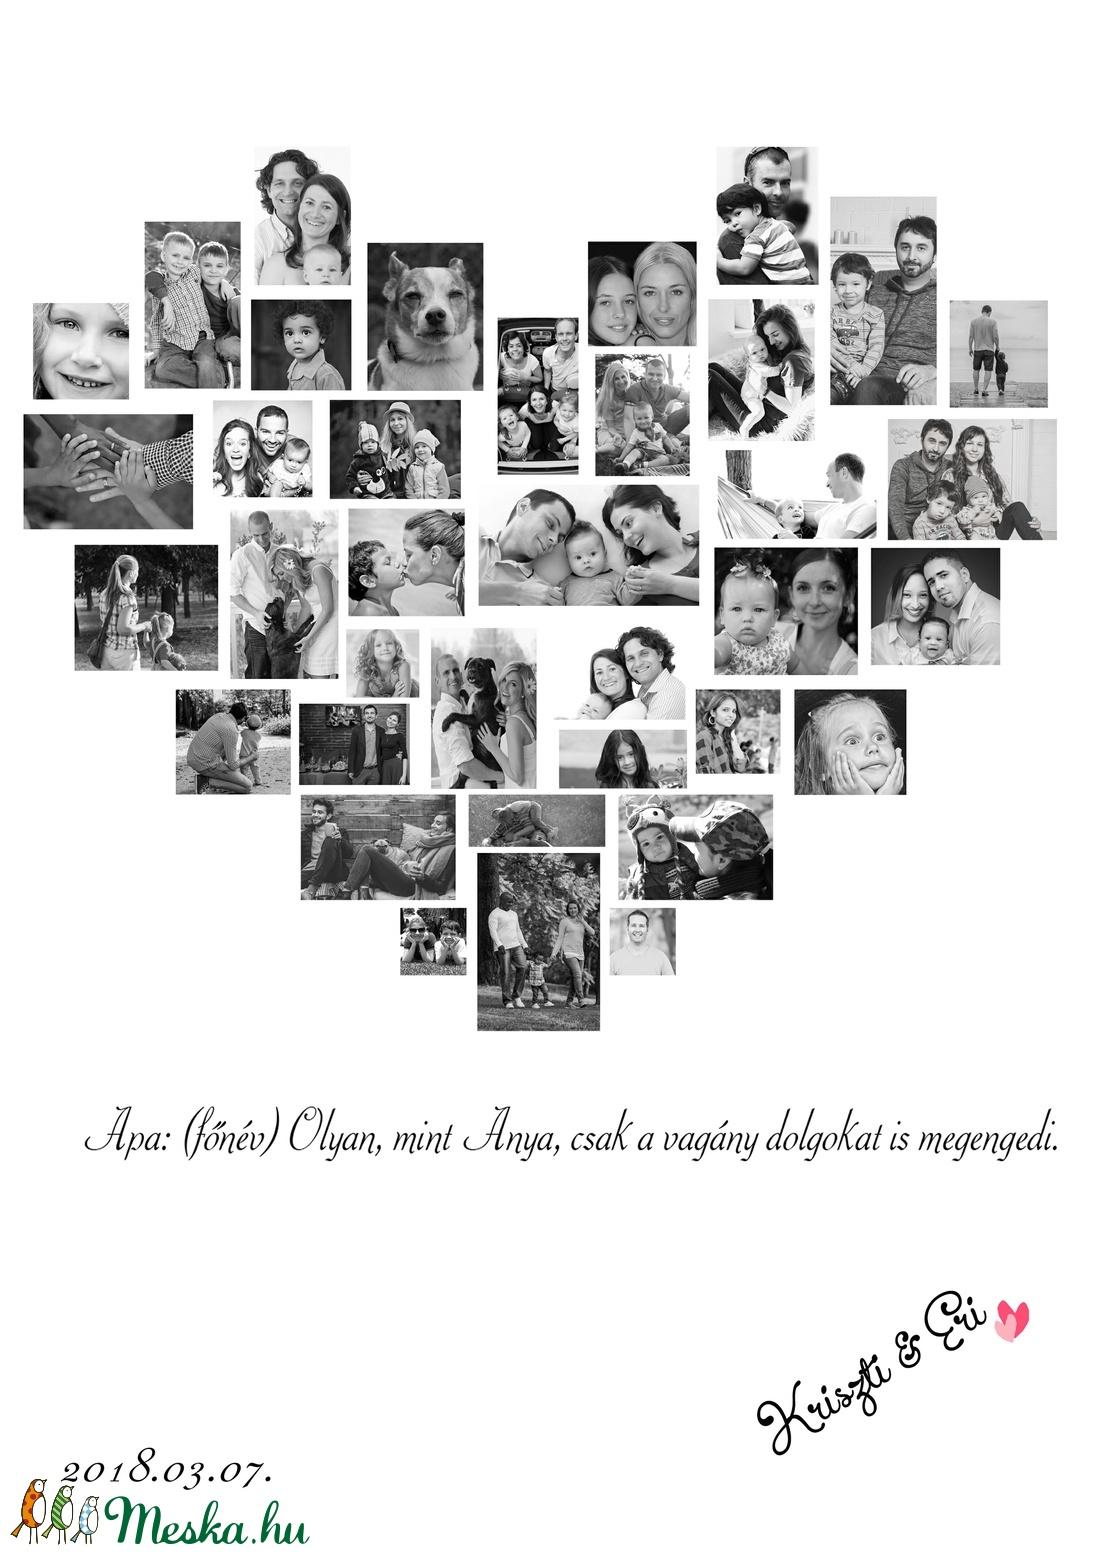 ... apák napja szülinapi poszter A3-as print egyedi fényképes kép fotó  poszter montázs örökkön örökké ... 662b0c5f59